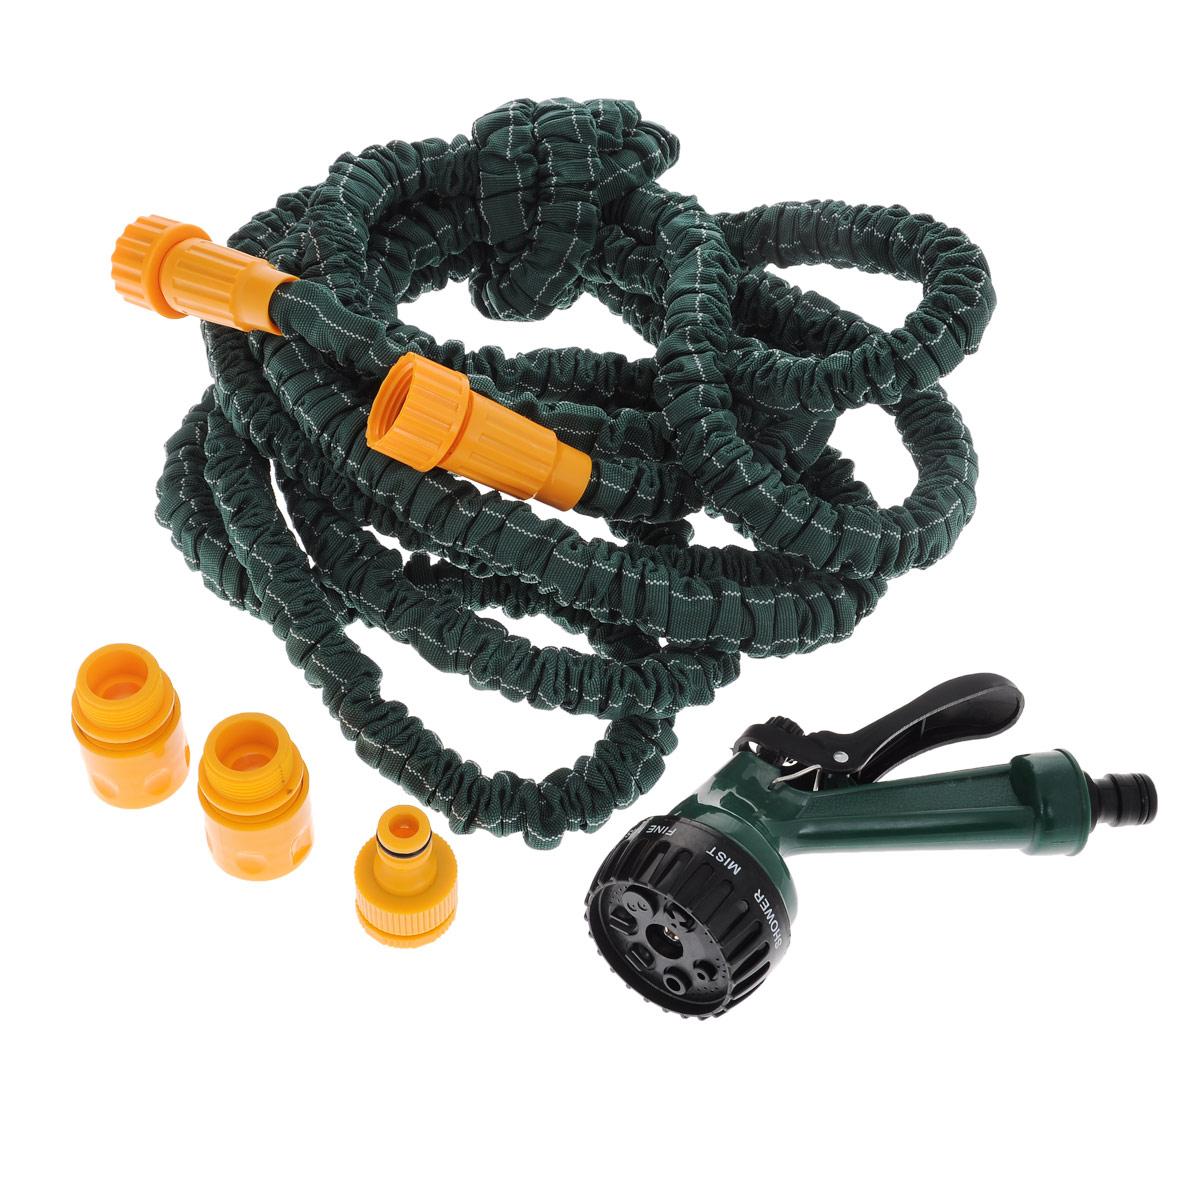 Шланг садовый Bradex Pocket Hose Ultra, с лейкой, цвет: зеленый, 5-15 м18022-20.000.00Садовый шланг Bradex Pocket Hose Ultra - это прекрасный шланг, удлиняющийся в 3 раза. Подключите шланг к крану и можете приступать к использованию. Очень легкий вес, что делает шланг еще более удобным в эксплуатации. Внутри шланг выполнен из латекса, снаружи - полиэстер. Шланг подходит как для полива рассады, цветов, газонов, так и для мытья машины.Особенности: - удобный и легкий, - растягивается в длину при поступлении воды, - автоматически возвращается в исходный размер, - подключается к стандартным кранам, - не перекручивается, не заламывается, не путается, - гибкий, - удобная сборка, - удлиняется в 3 раза.Для более удобного полива, в комплекте имеется специальная насадка-лейка.Длина шланга без воды: 5 м.Длина шланга при наполнении водой: 15 м.